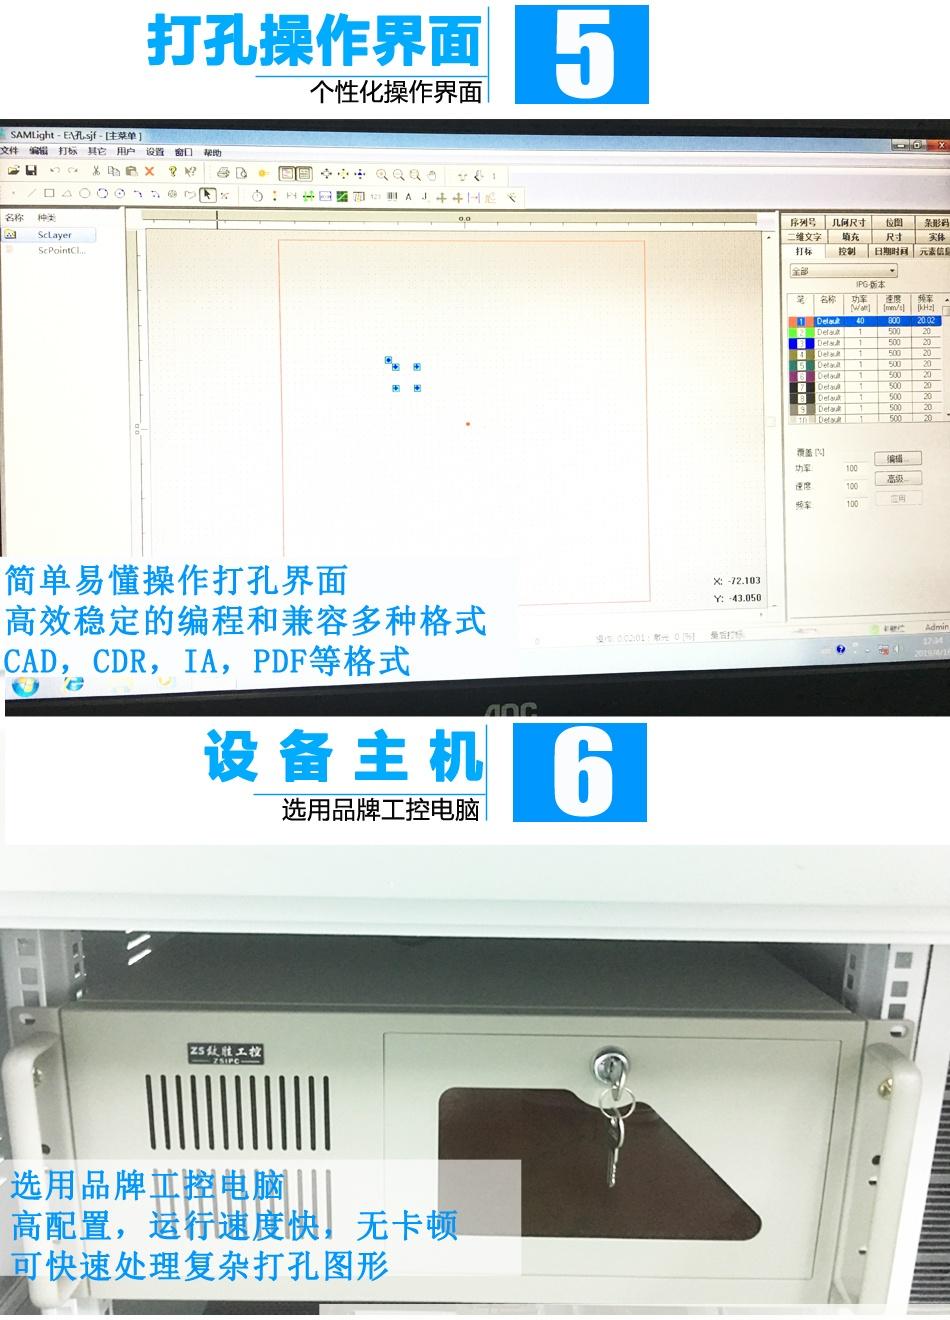 激光微孔机详情(新版)_05.jpg